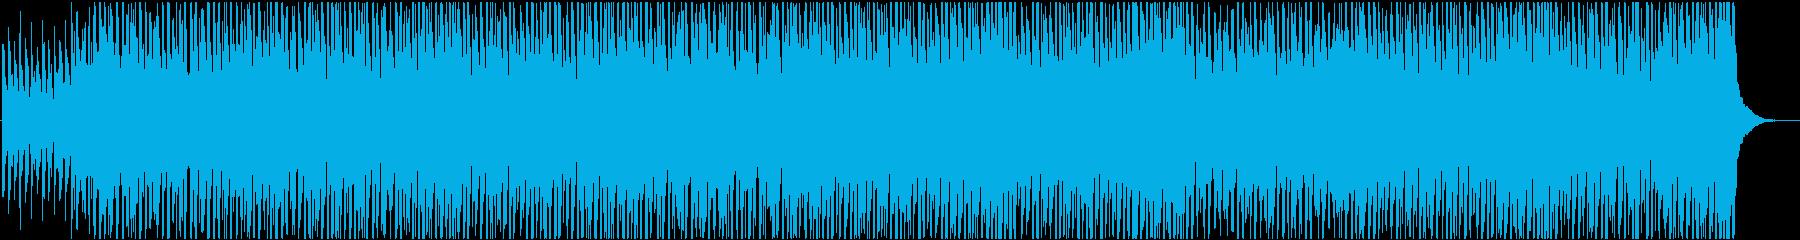 News5 16bit48kHzVer.の再生済みの波形